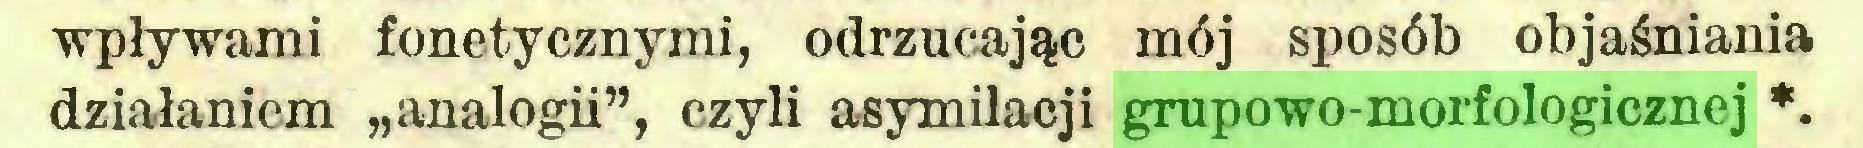 """(...) wpływami fonetycznymi, odrzucając mój sposób objaśniania działaniem """"analogii"""", czyli asymilacji grupowo-morfologicznej *..."""